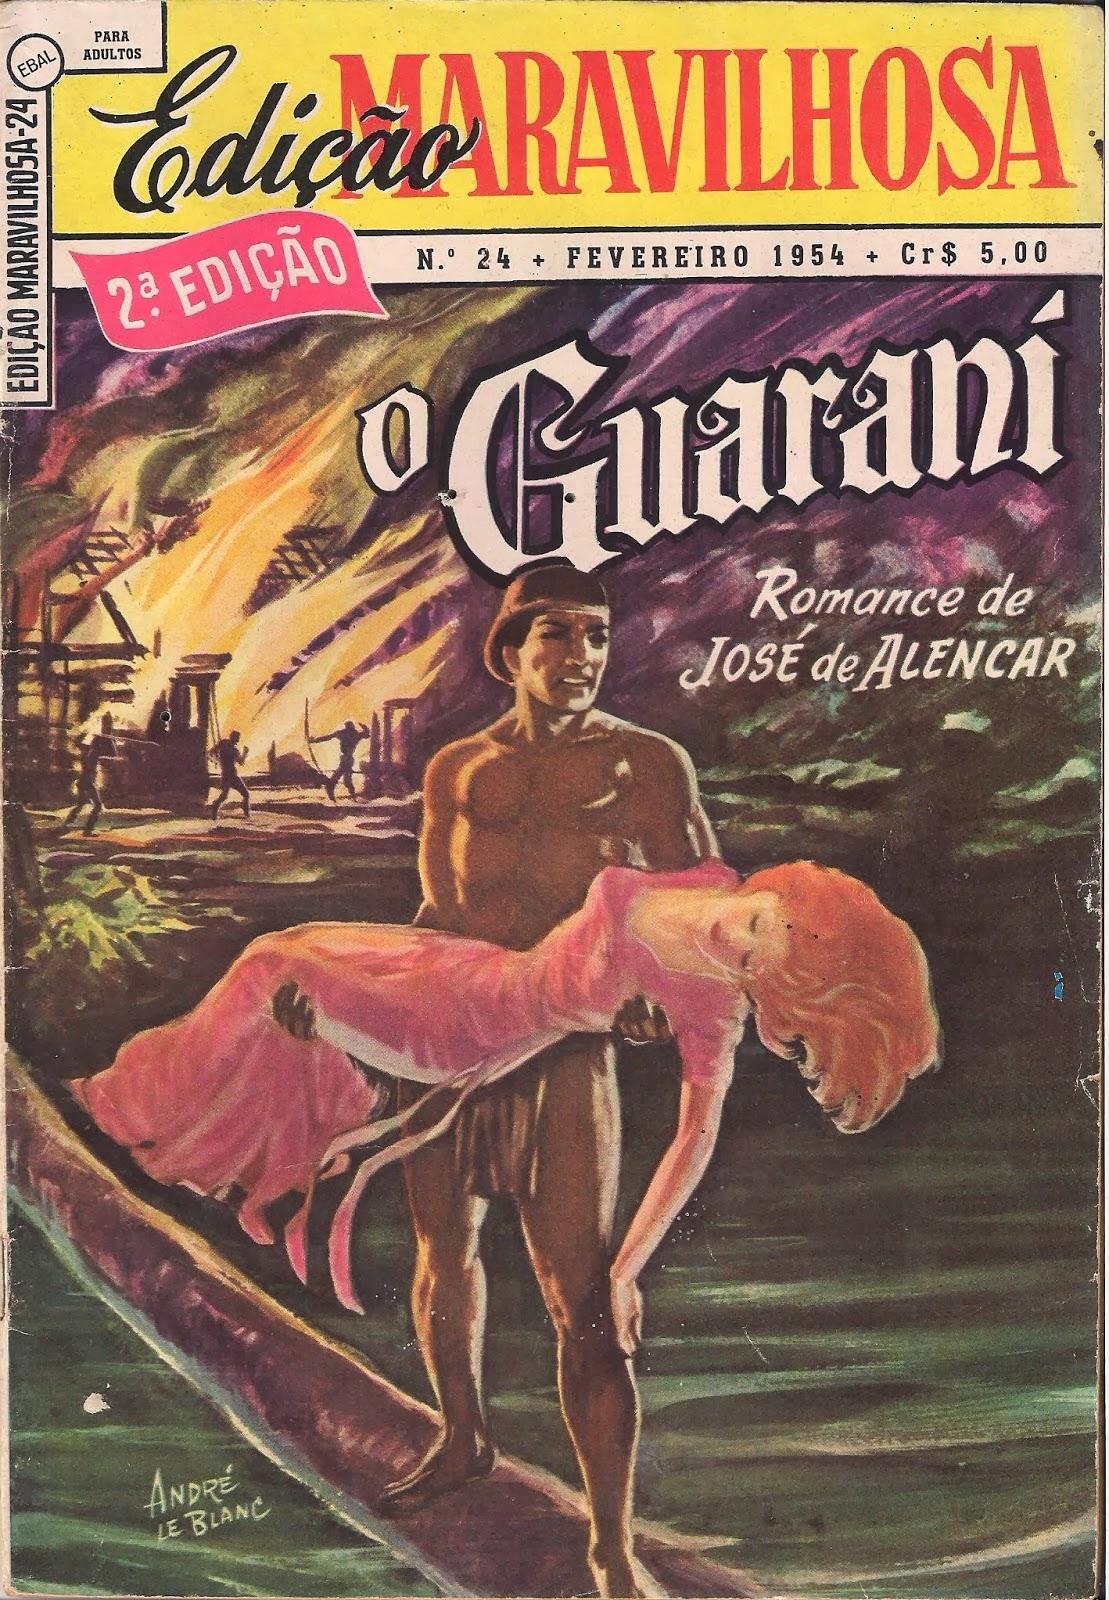 O Guarani (1954)